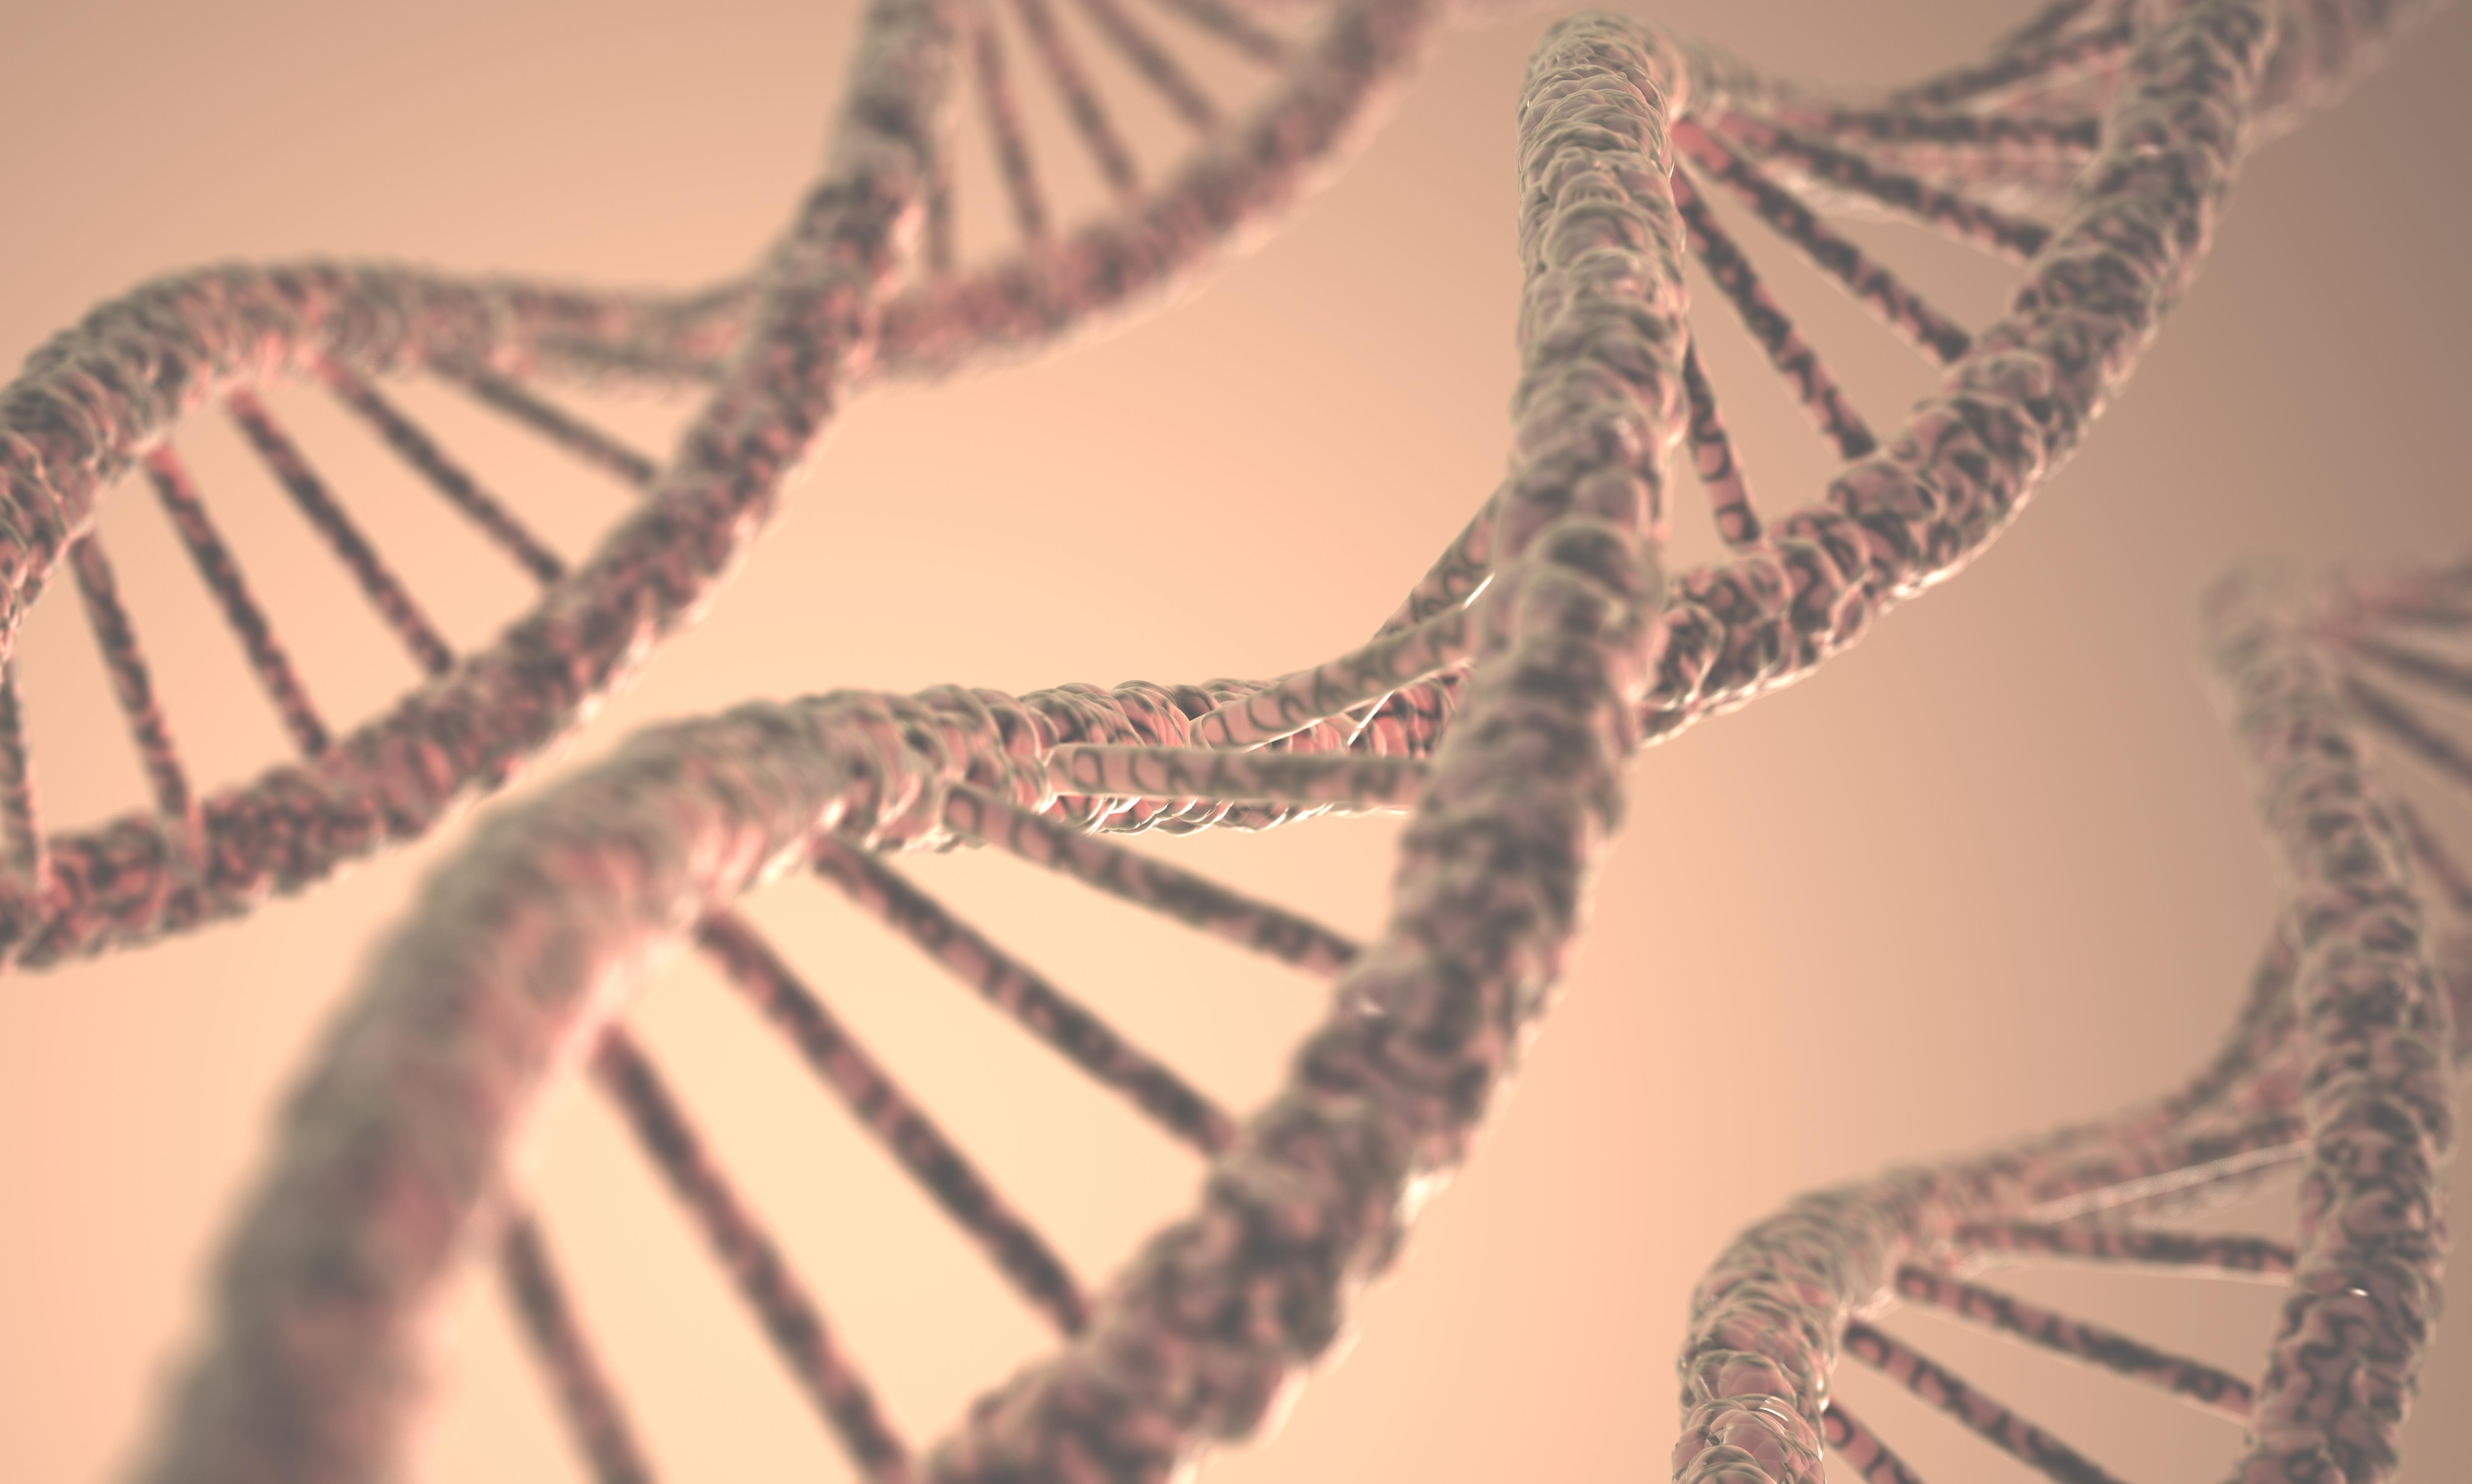 3D illustration of DNA